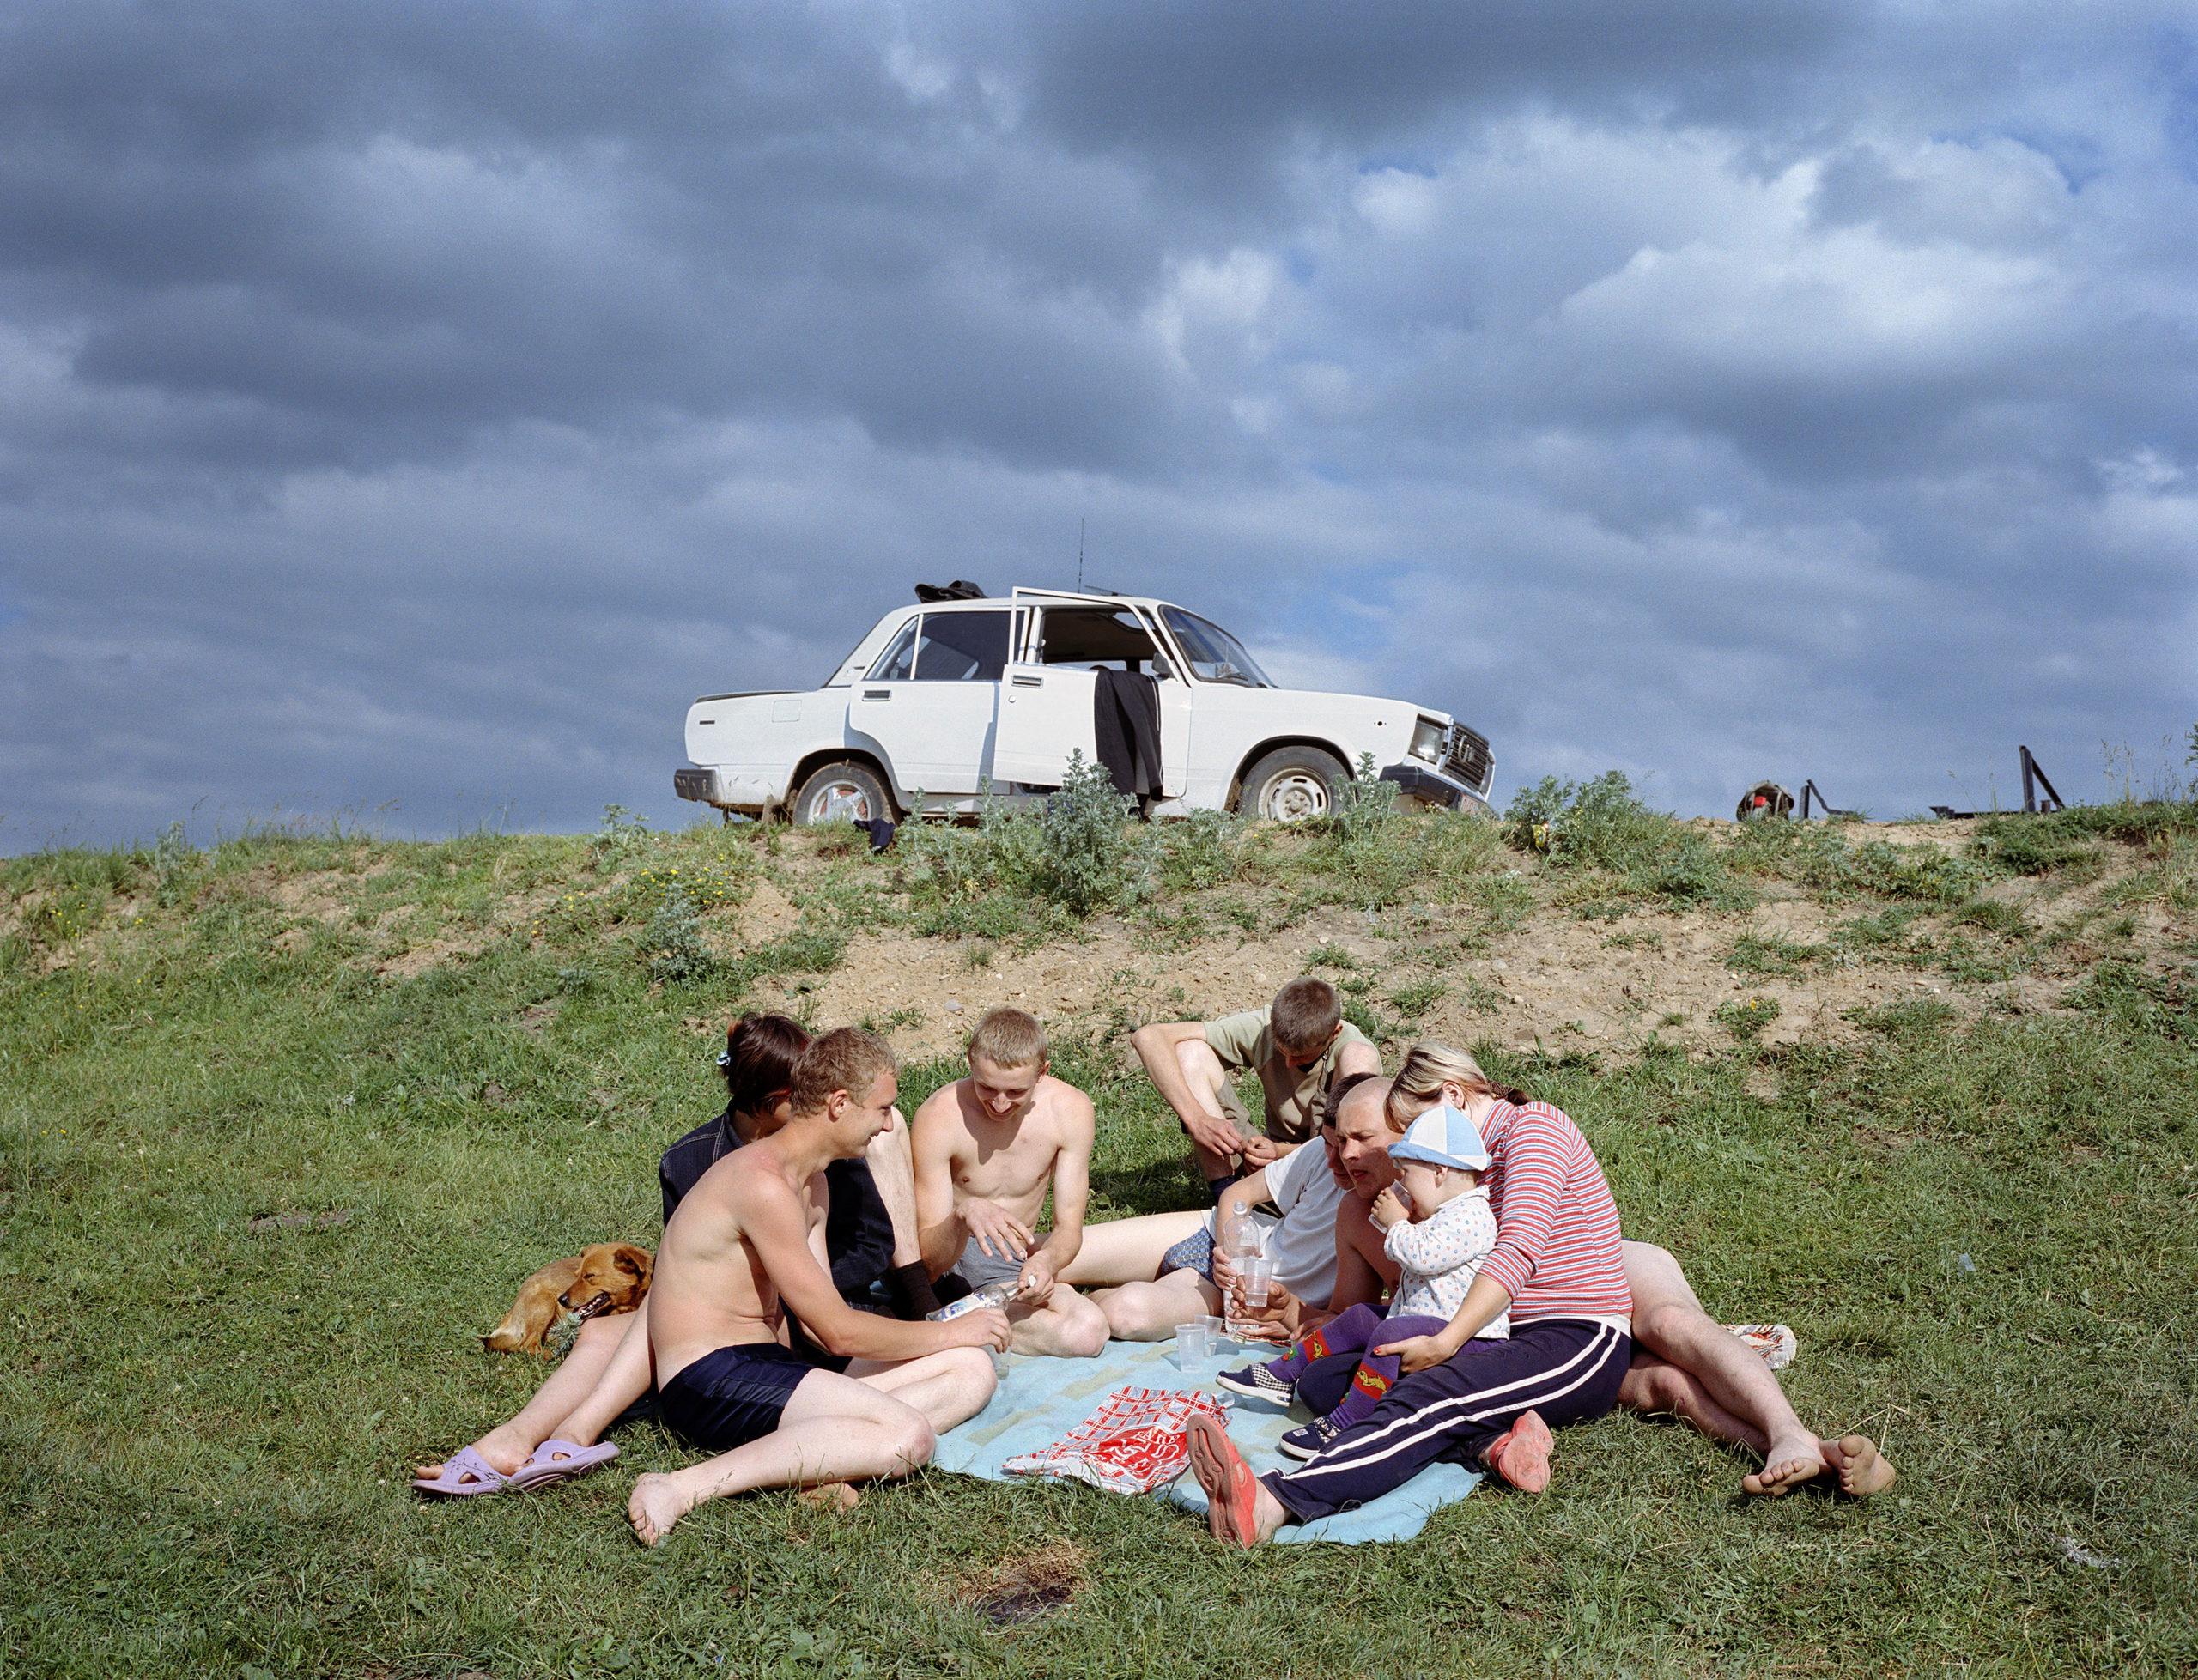 Lada #2. Zabulatz, Belarus, 2006